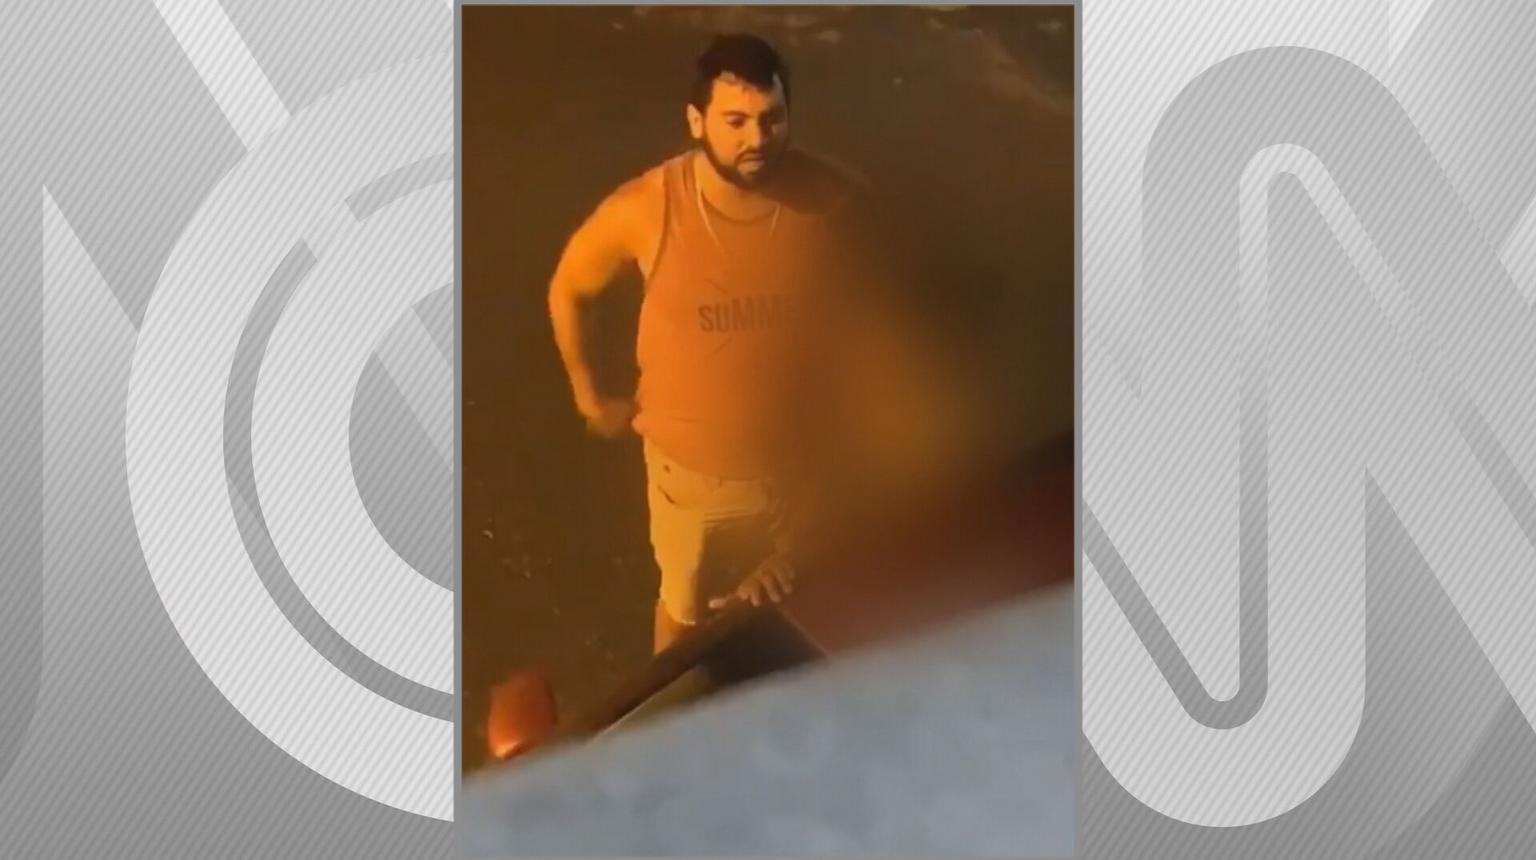 Homem que agrediu mulher em Ilhéus é preso após 7 dias foragido